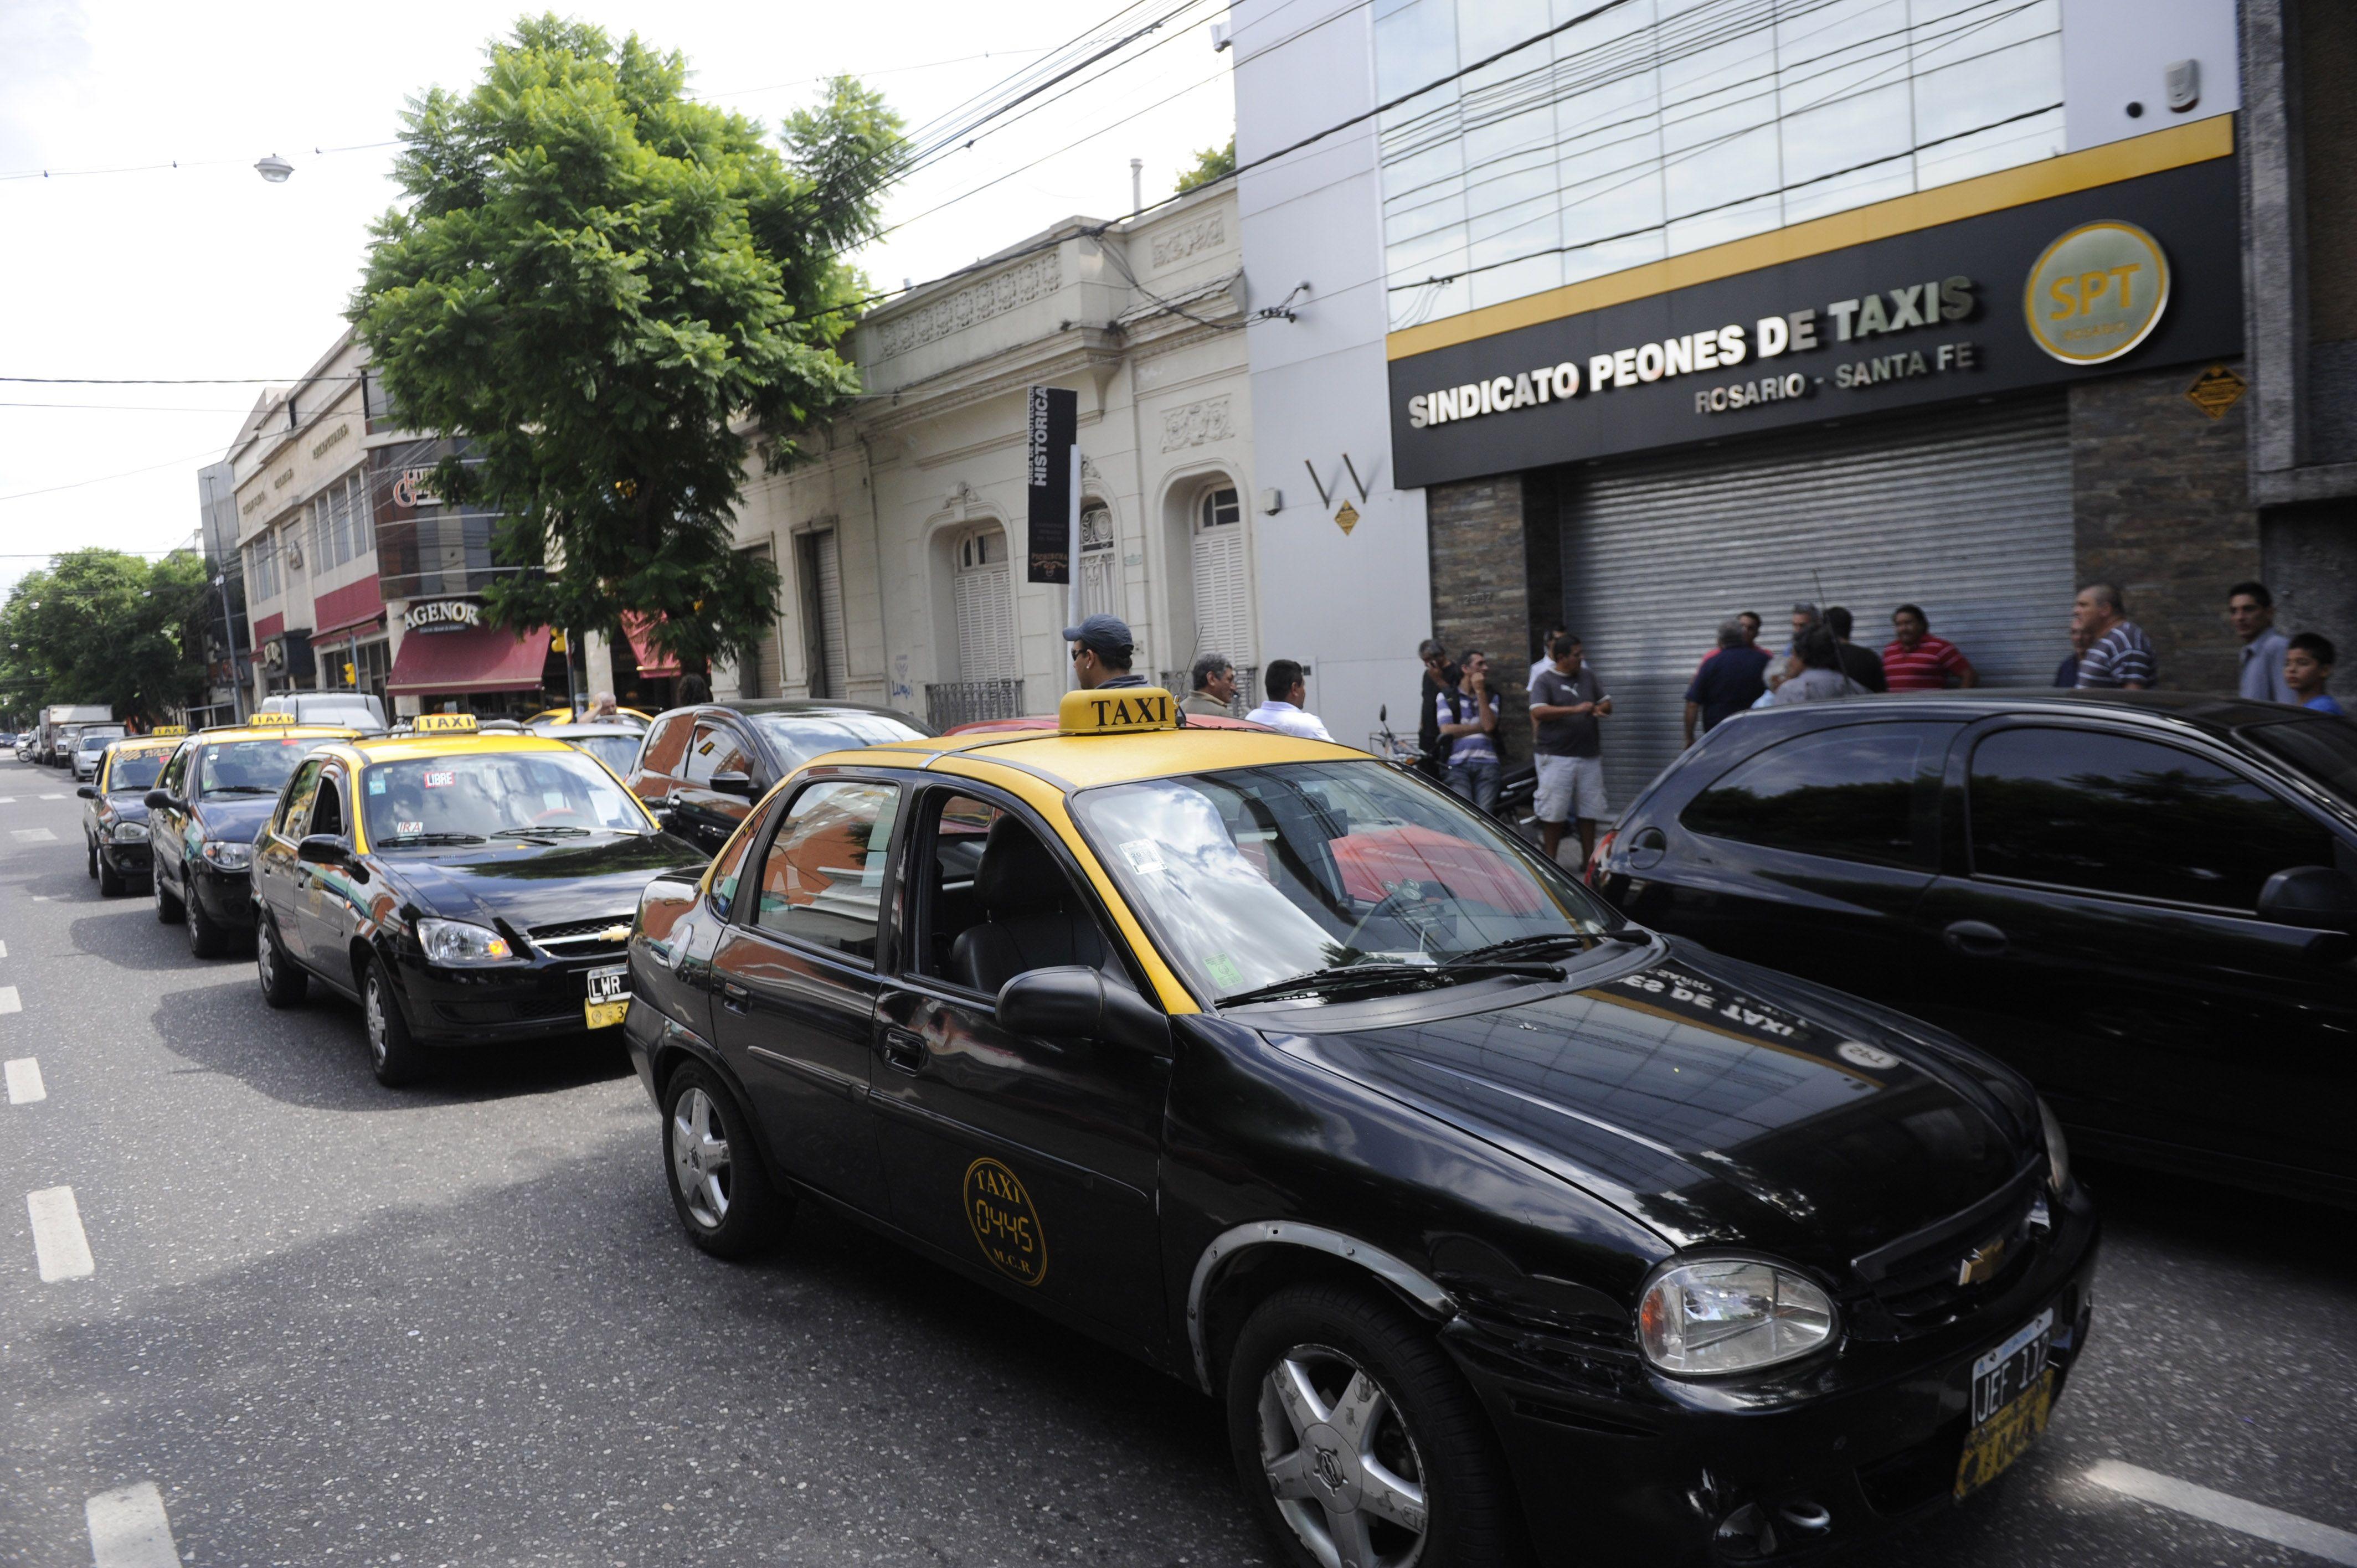 El Sindicato de Peones de Taxis participará en el plenario de mañana. (Foto de archivo)